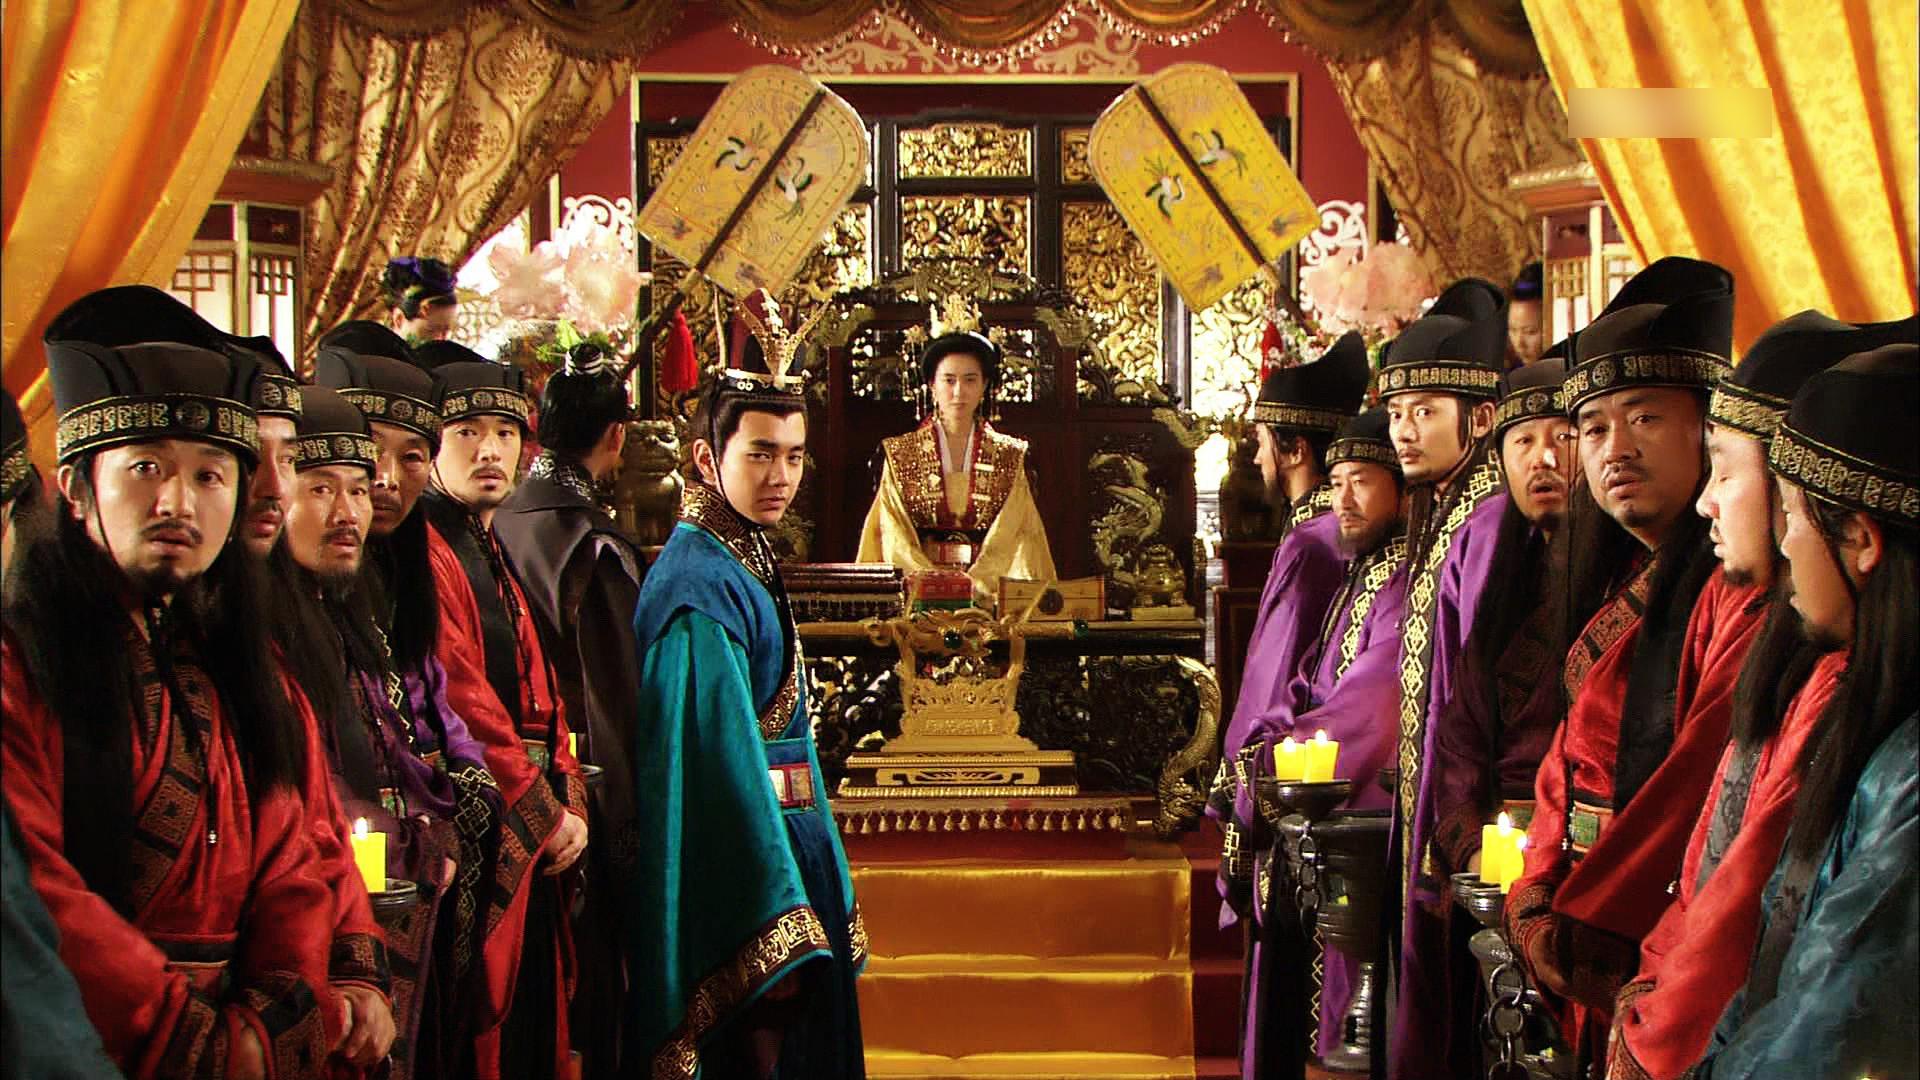 12 phim cổ trang Hàn Quốc cực hay mà mọt phim nào cũng nên biết - Ảnh 14.